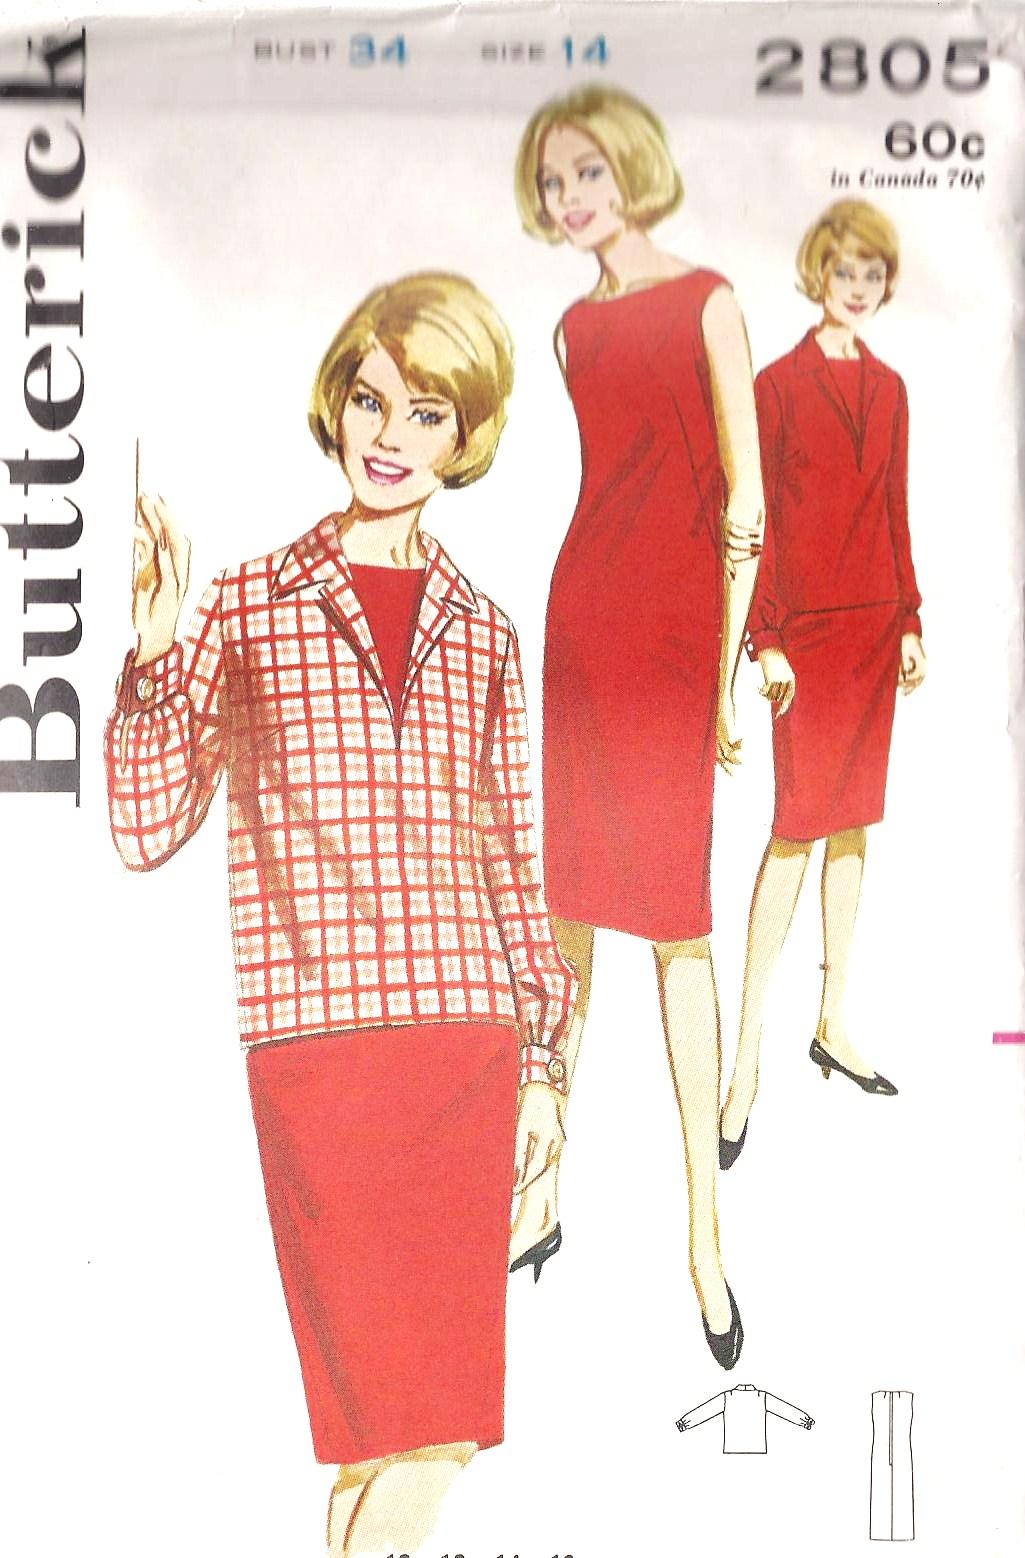 Butterick 2805